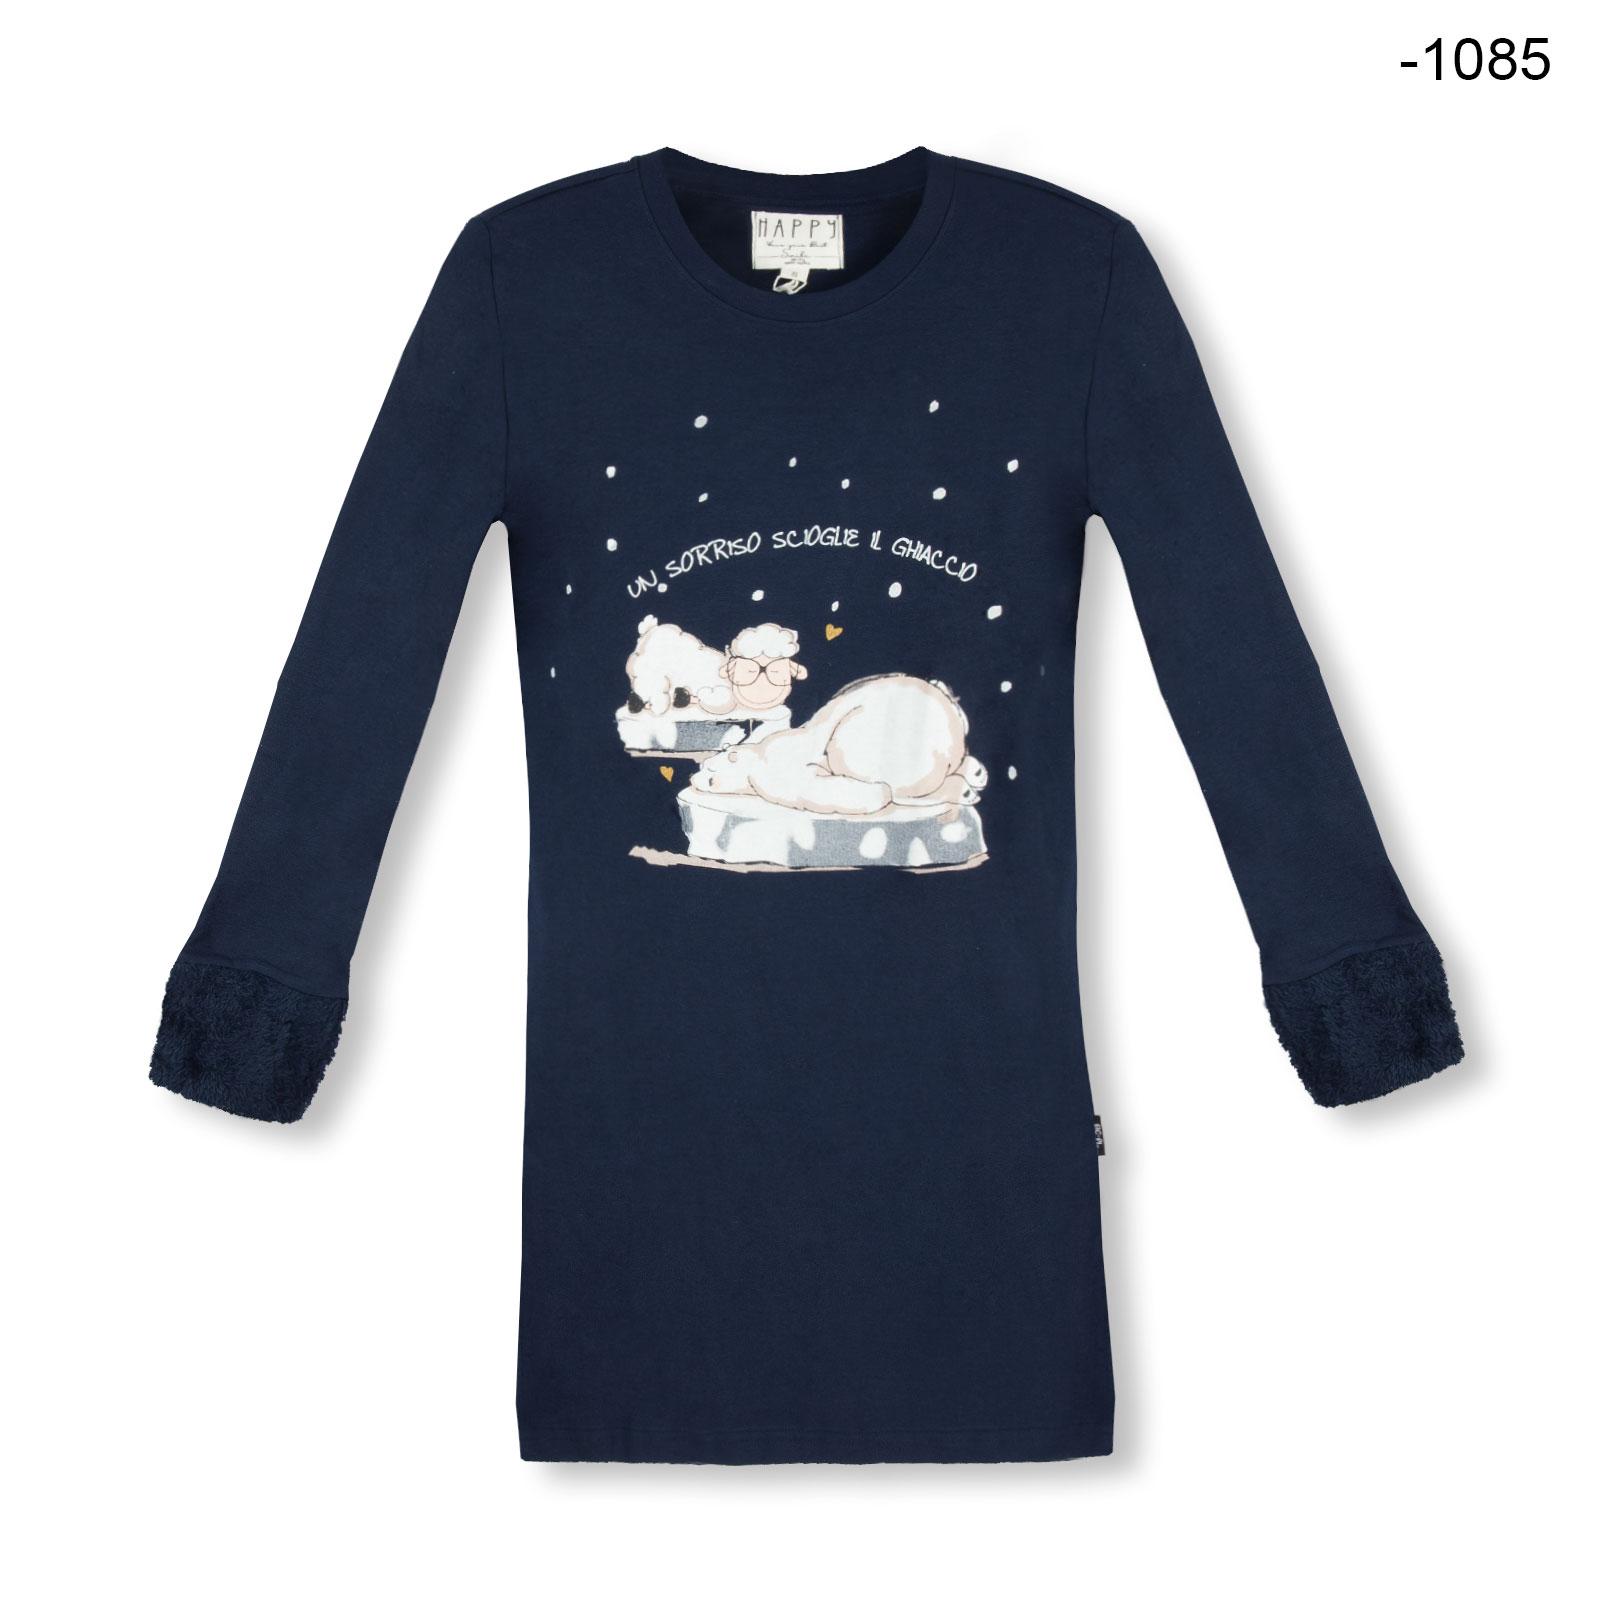 nachthemd langarm eisberg farbwahl damen homewear sleepwear sleepshirts nachthemden bonvenon. Black Bedroom Furniture Sets. Home Design Ideas